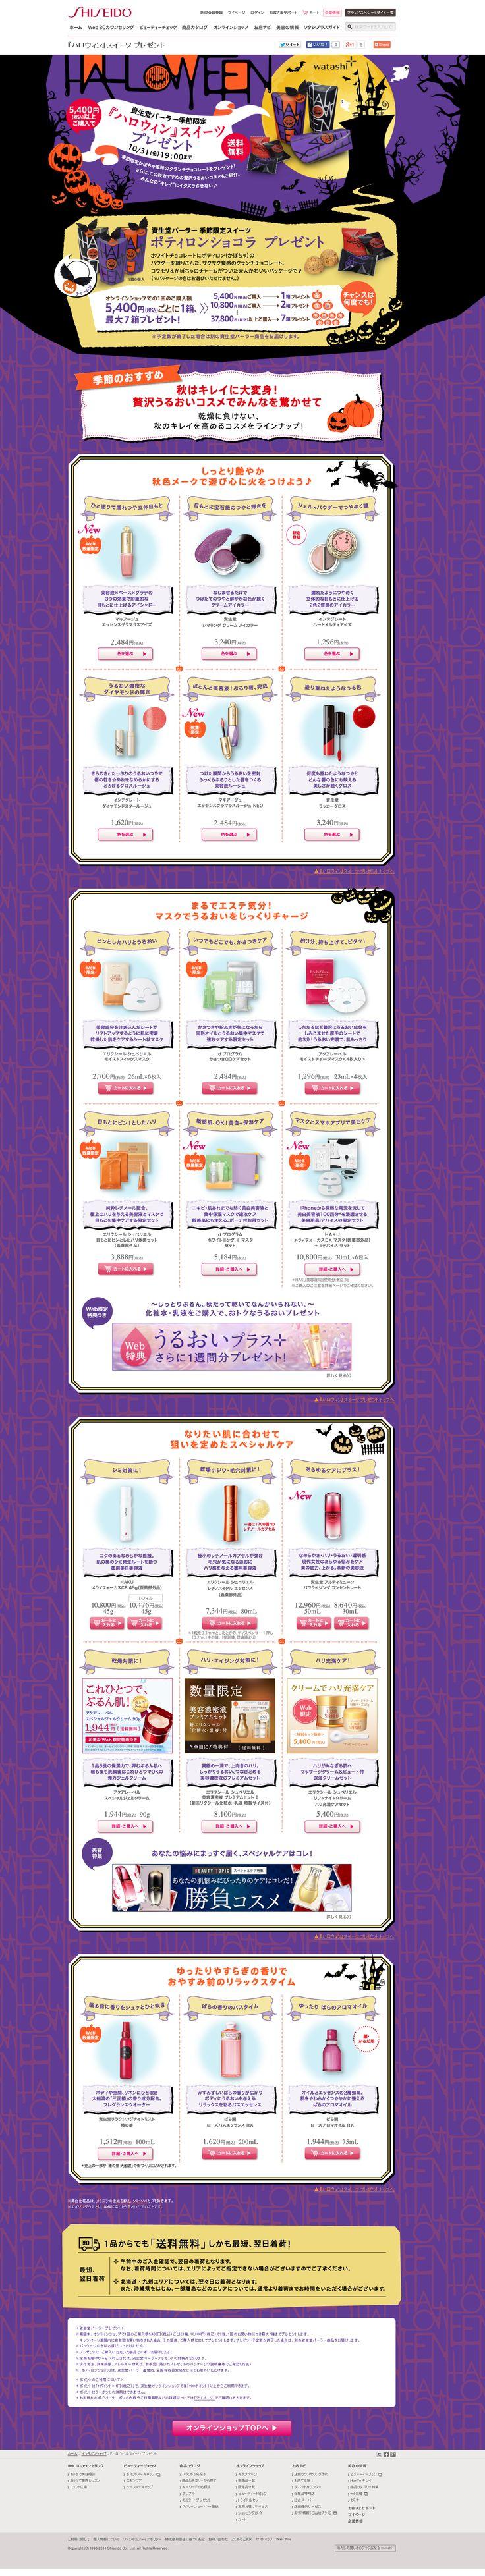 『ハロウィン』スイーツ プレゼント | オンラインショップ | ワタシプラス/資生堂 http://www.shiseido.co.jp/cms/onlineshop/campaign/d/parlour/?sc_oltbn=pc_onlineshop_top_141001